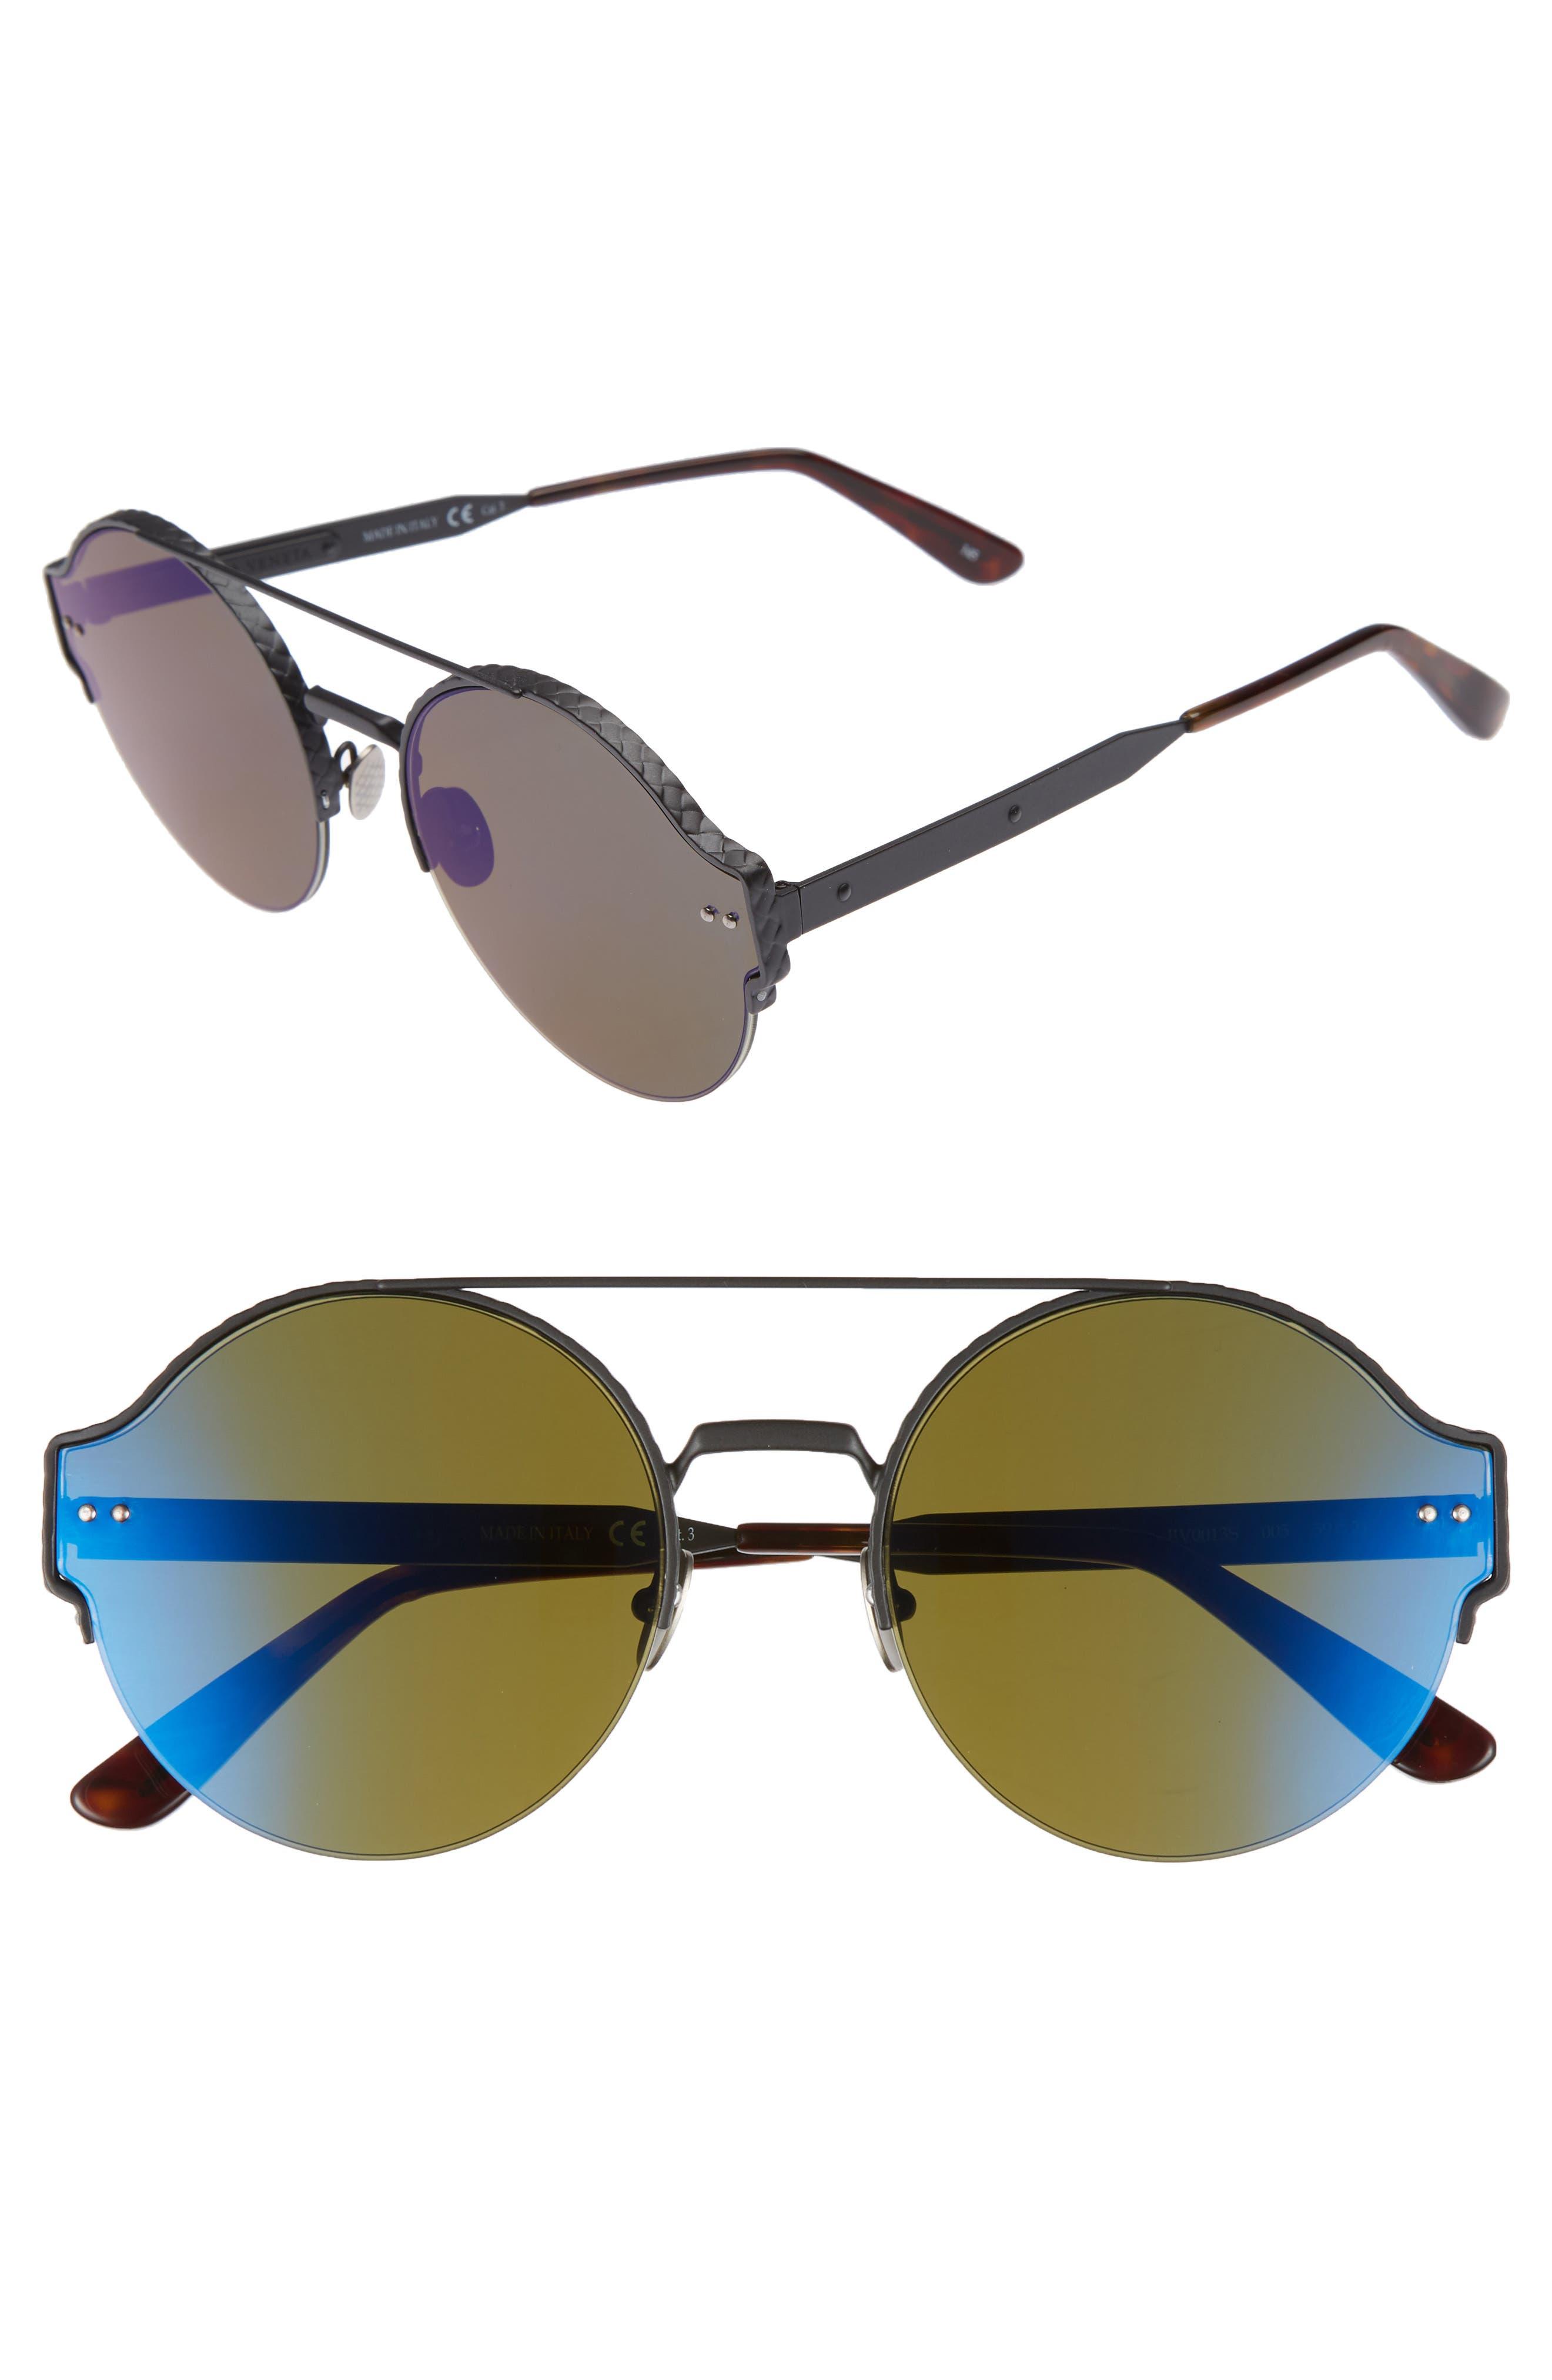 Main Image - Bottega Veneta 54mm Round Semi-Rimless Sunglasses